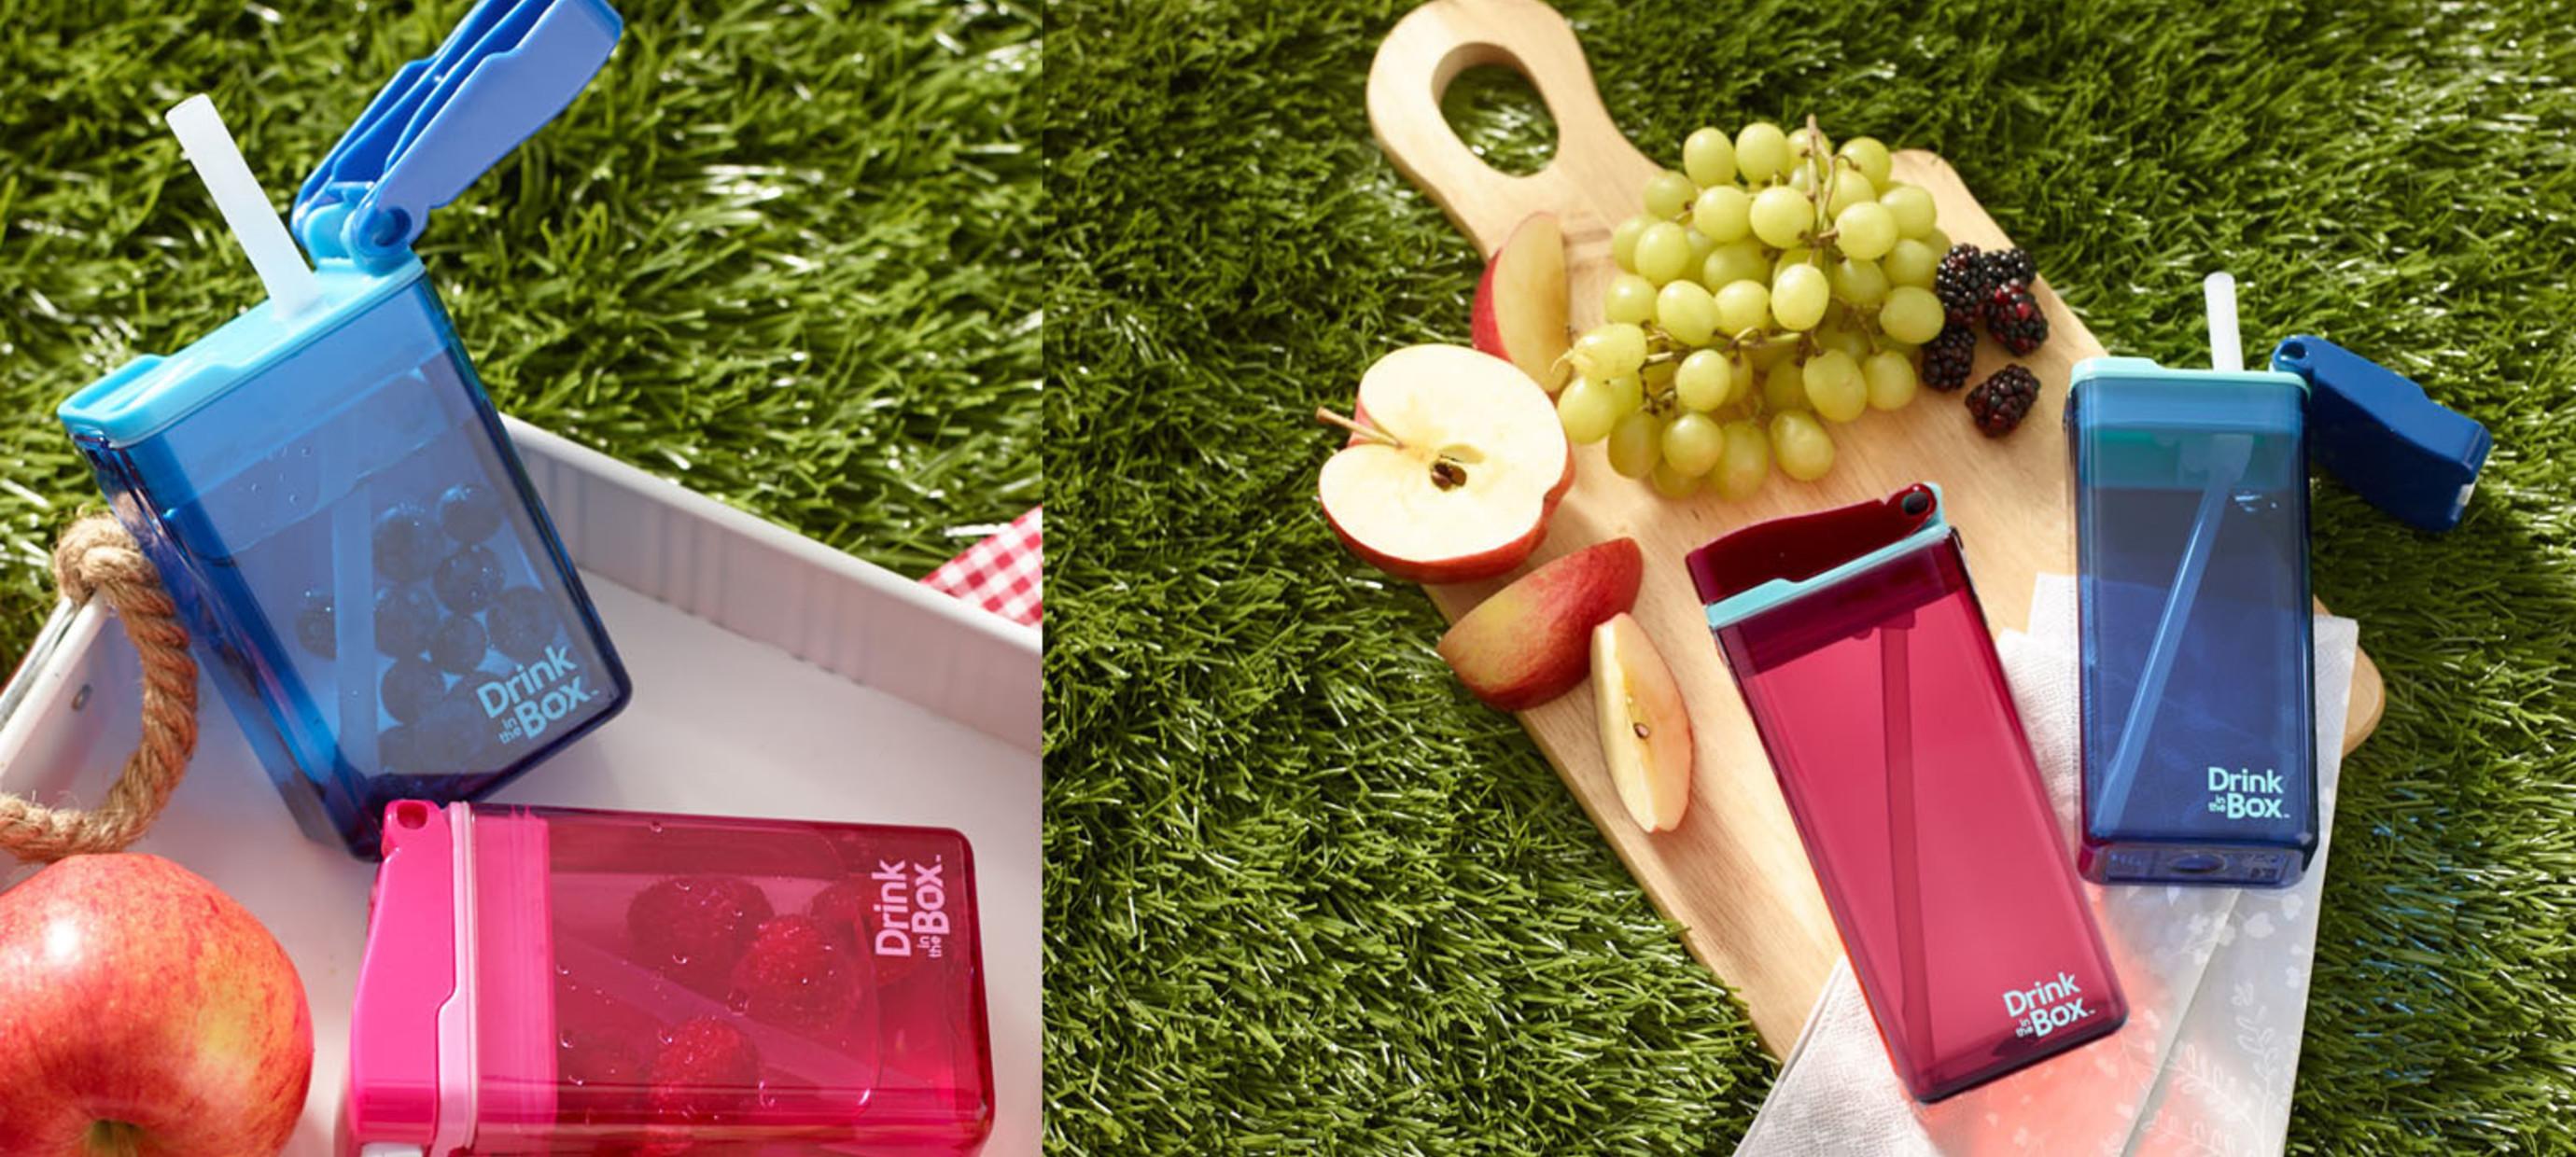 De nieuwe Drink in the Box- Next Generation: drinkpakjes in ton-sur-ton kleuren!